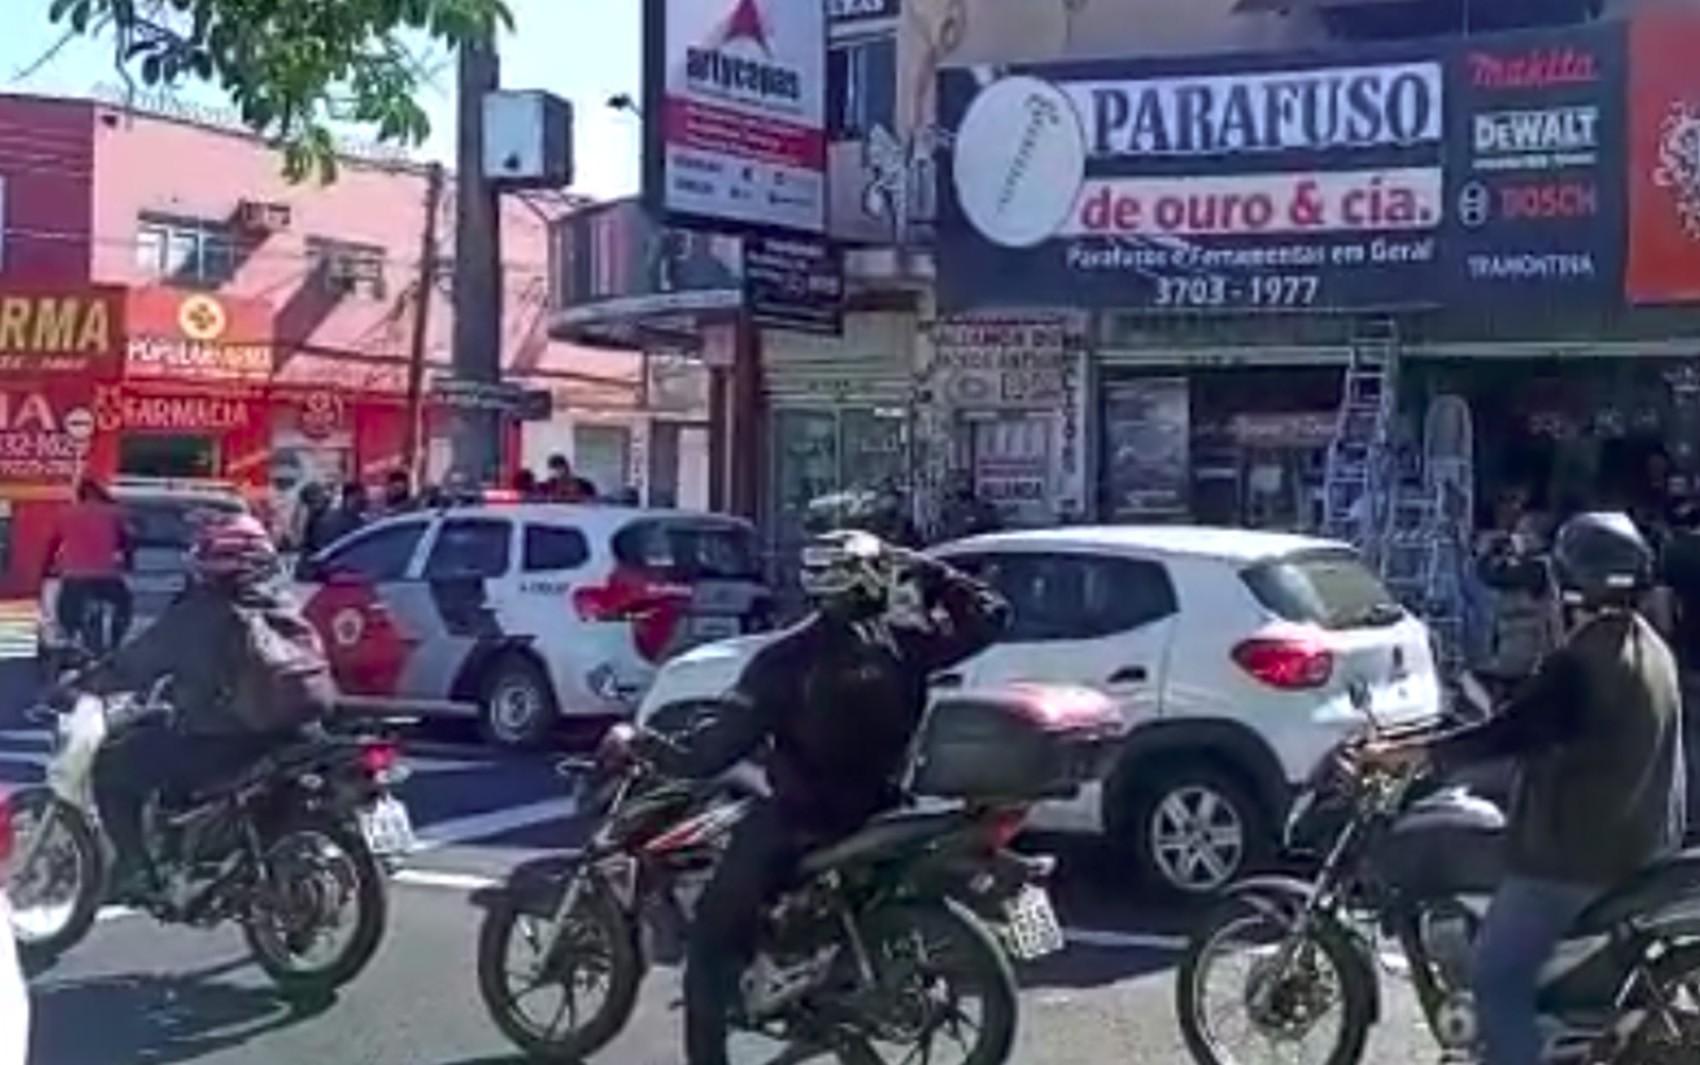 Dupla solta fogos antes de matar contador a tiros dentro de escritório em Franca, SP, diz polícia